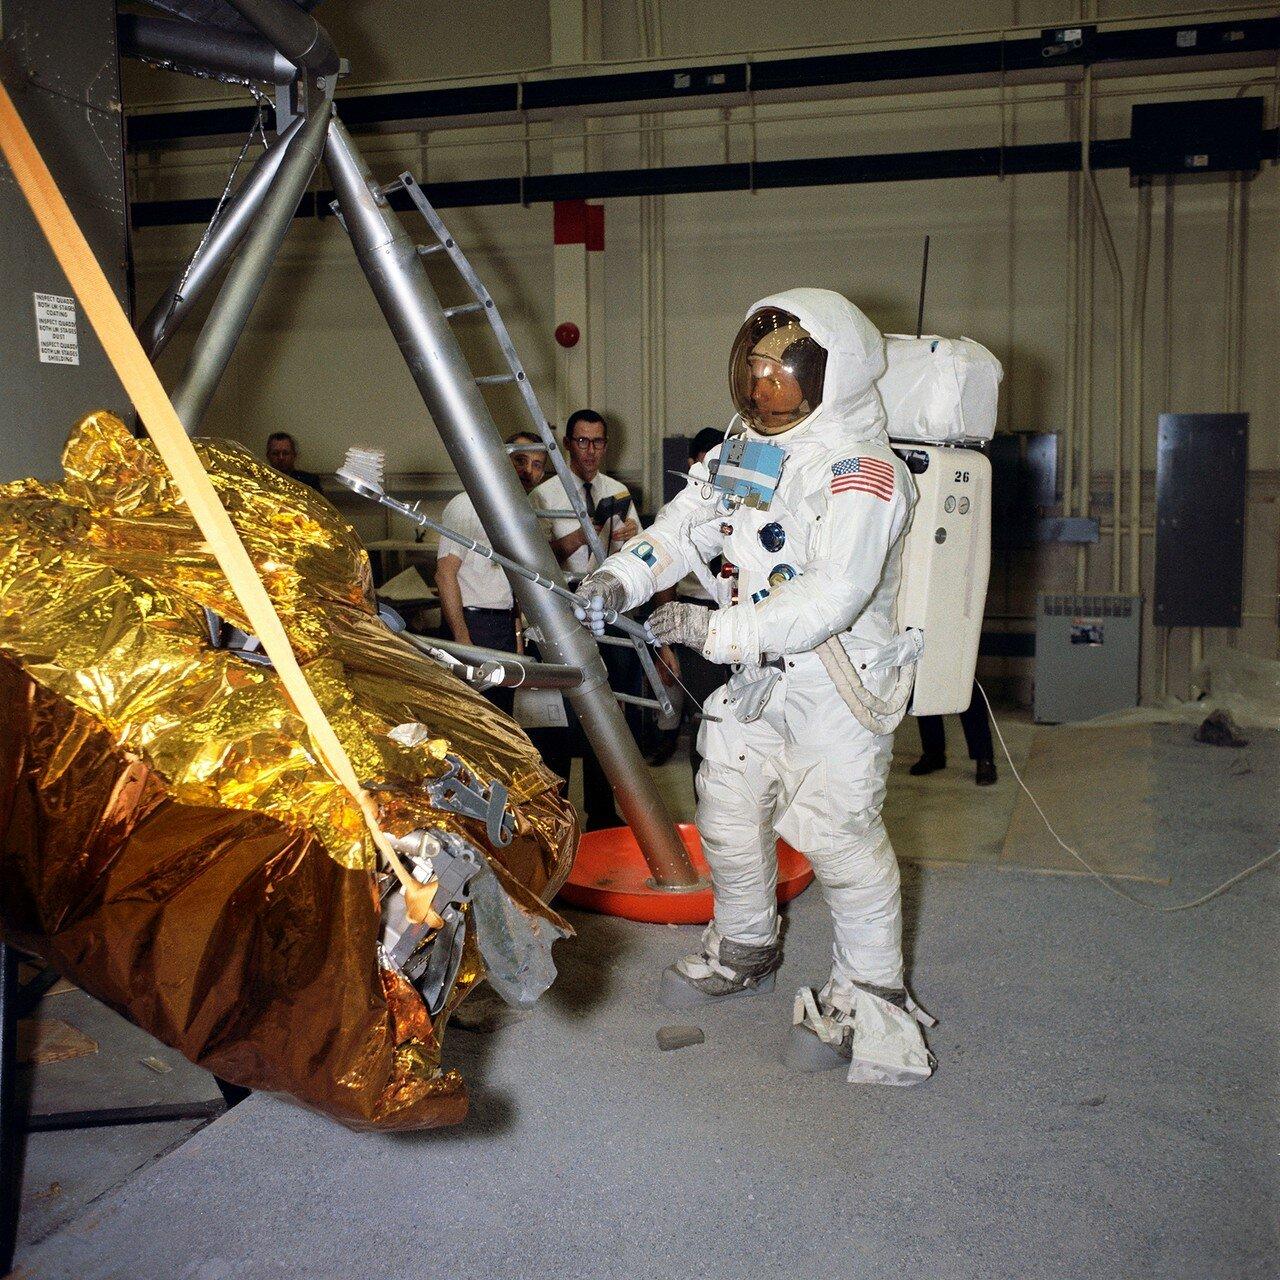 1969, 18 апреля. Армстронг упаковывает контейнер с земными камнями и песком во время тренировки в Центре пилотируемых полётов в Хьюстоне